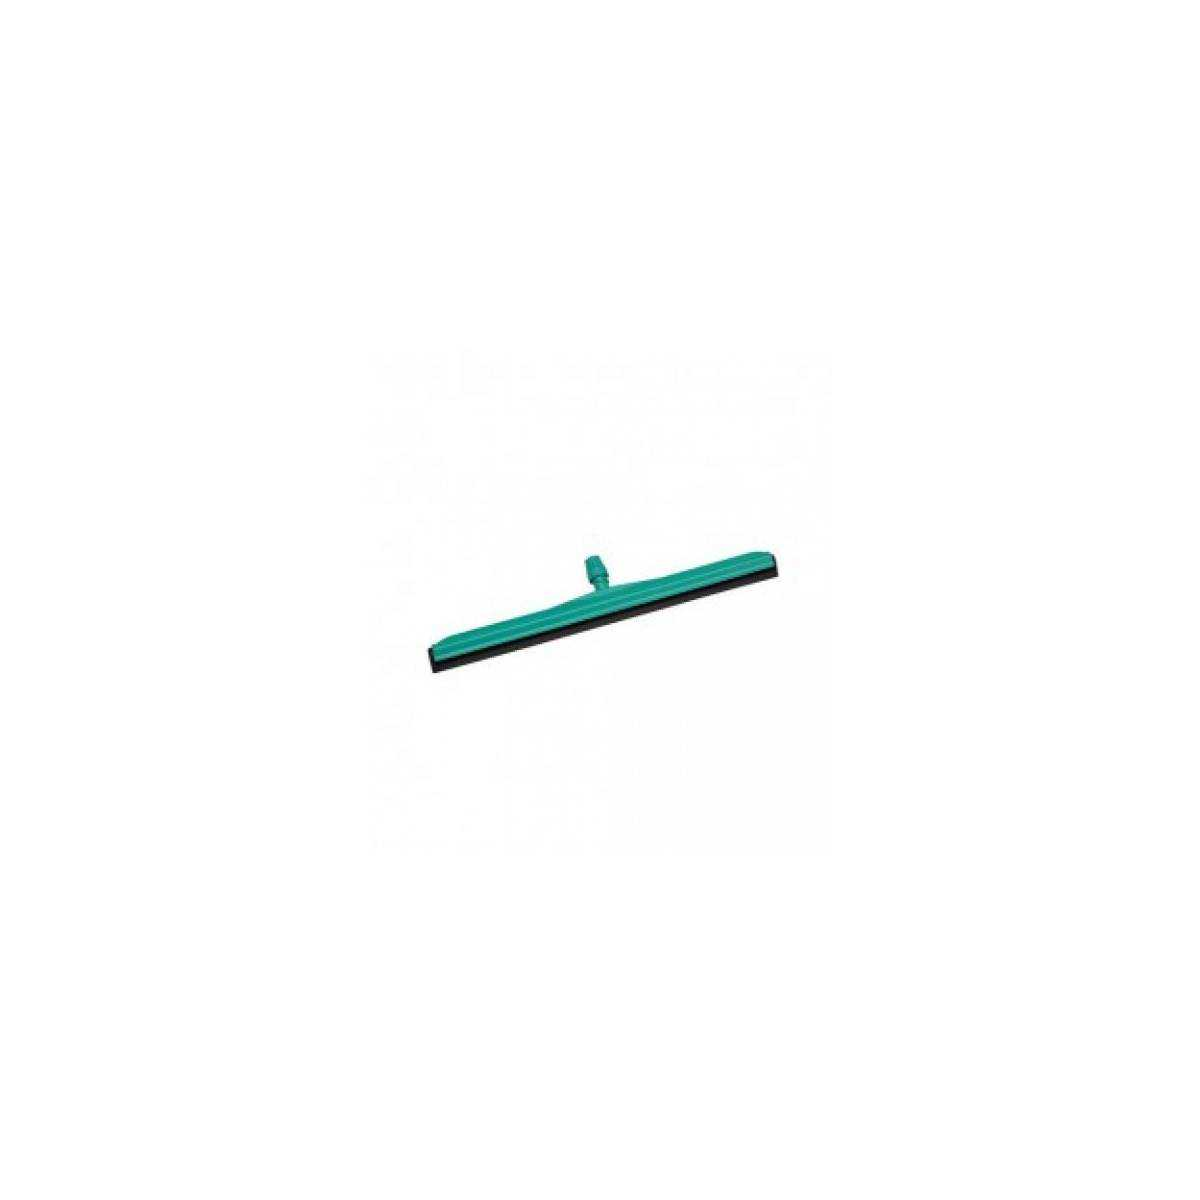 Скребок для сгона воды с пола полипропиленовый 75см (Зеленого цвета) 8633 TTS